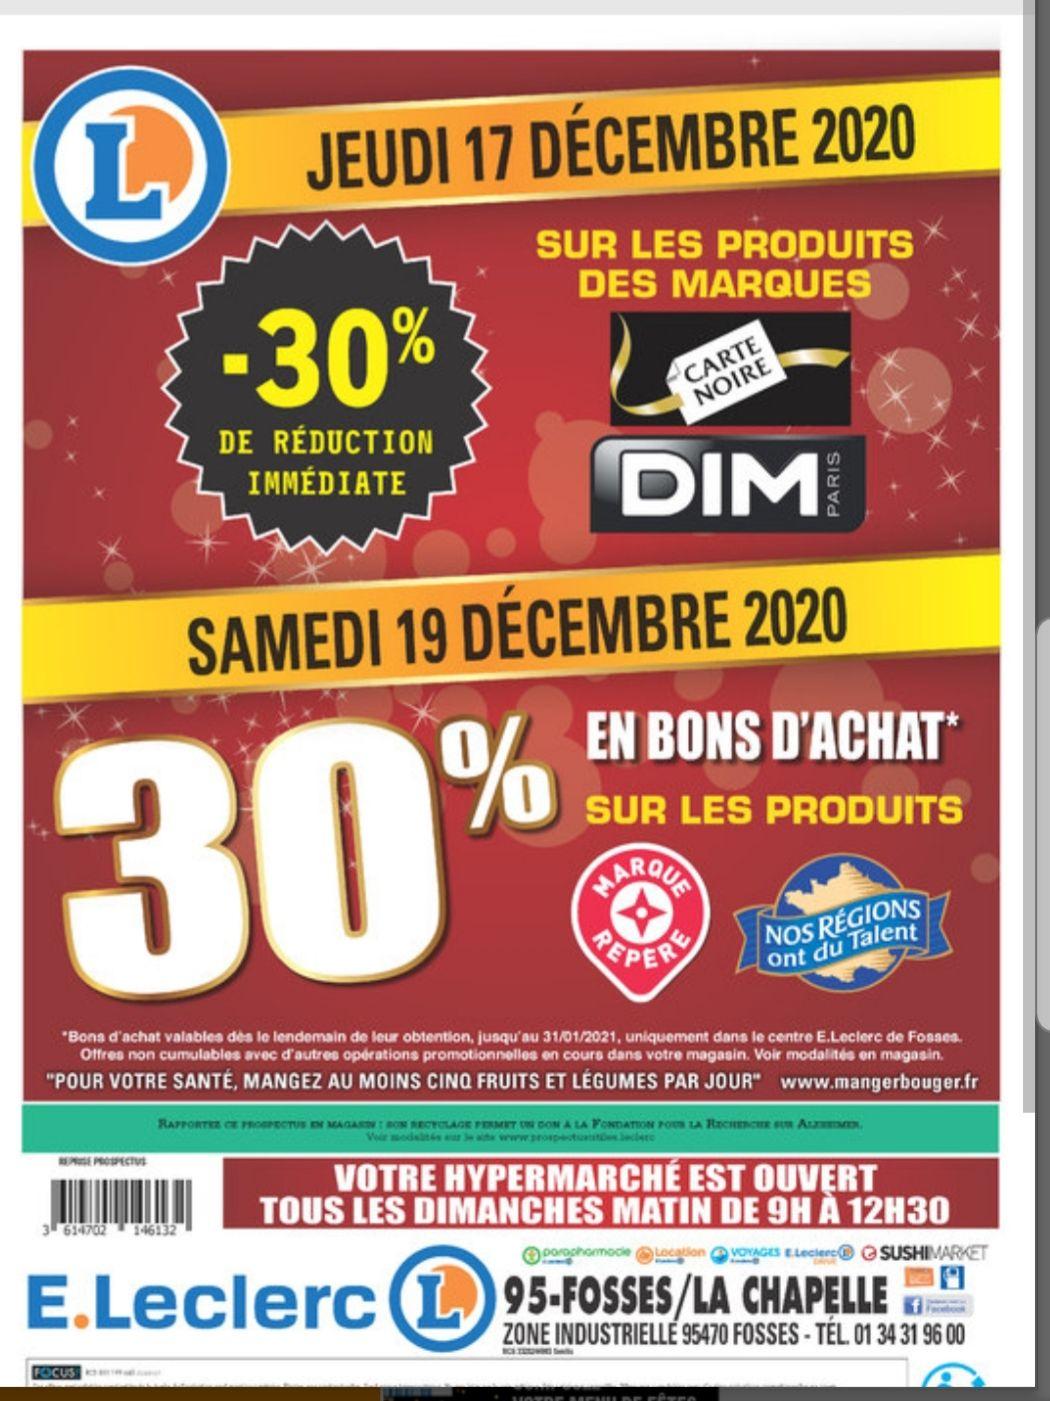 30% offerts en bon d'achat sur les produits Marque Repère & Nos Régions Ont Du Talent - Fosses (95) / La Chapelle-en-Serval (60)